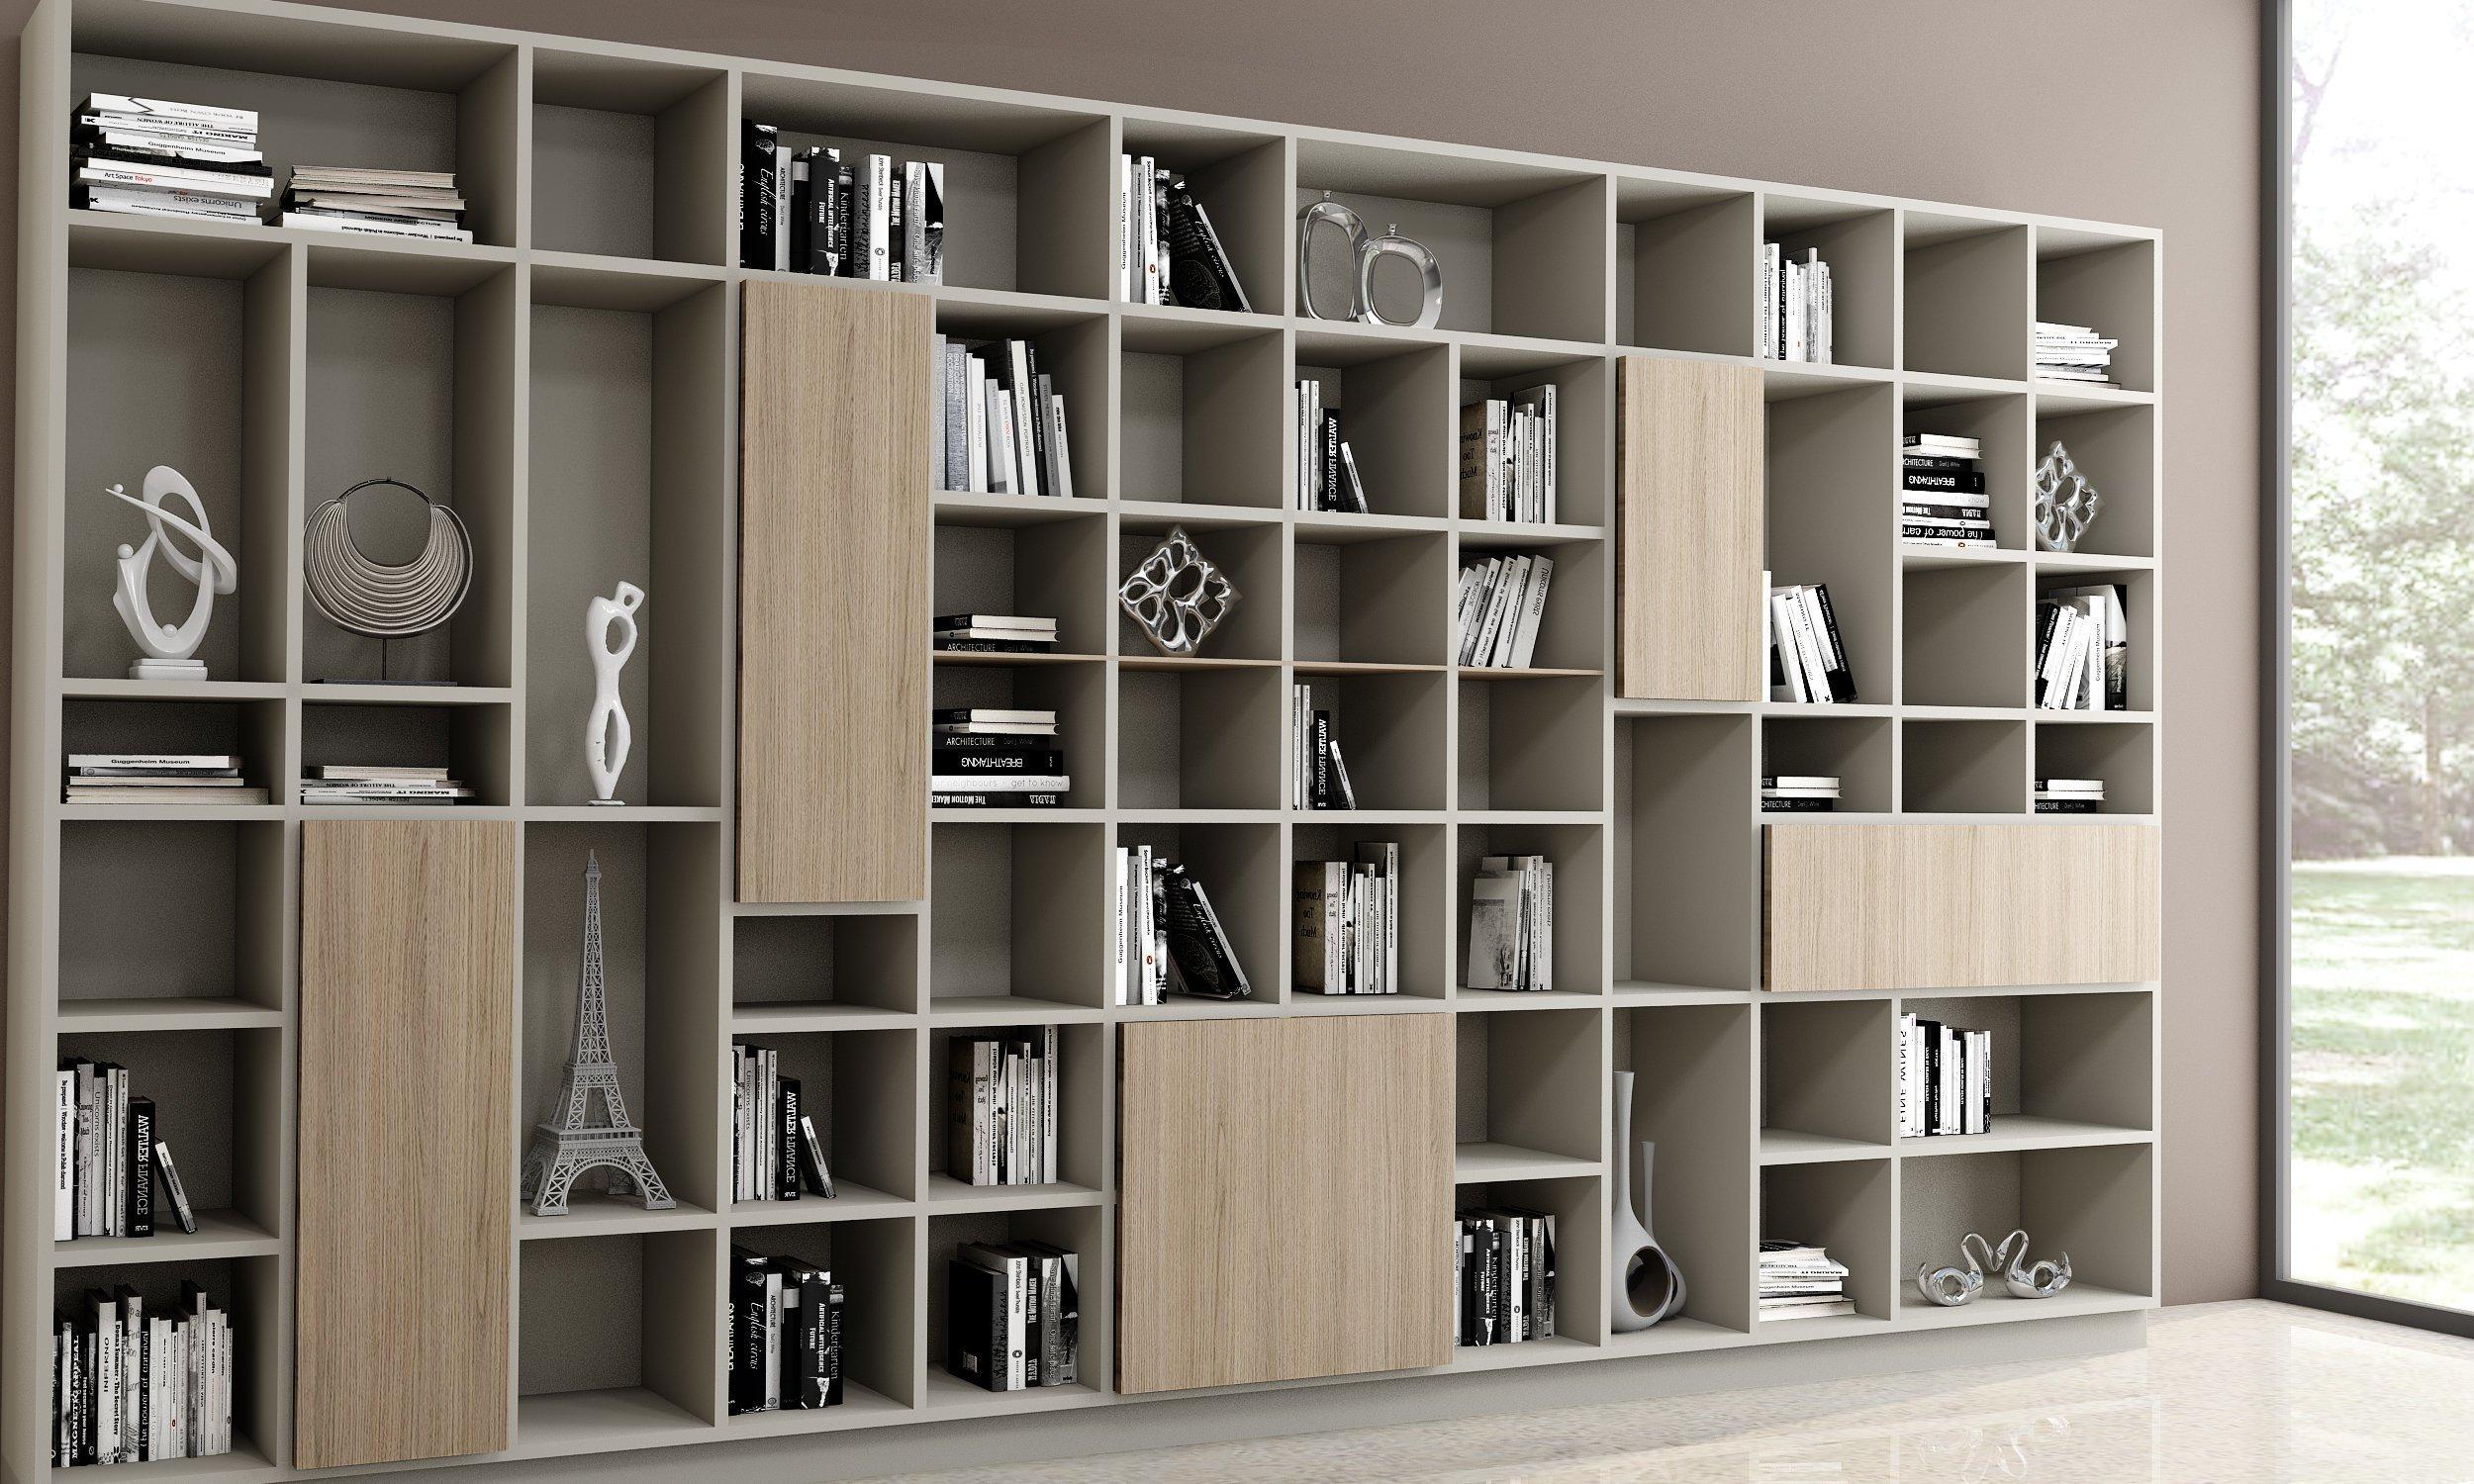 Living room bespoke shelving in woodgrain finish (1)